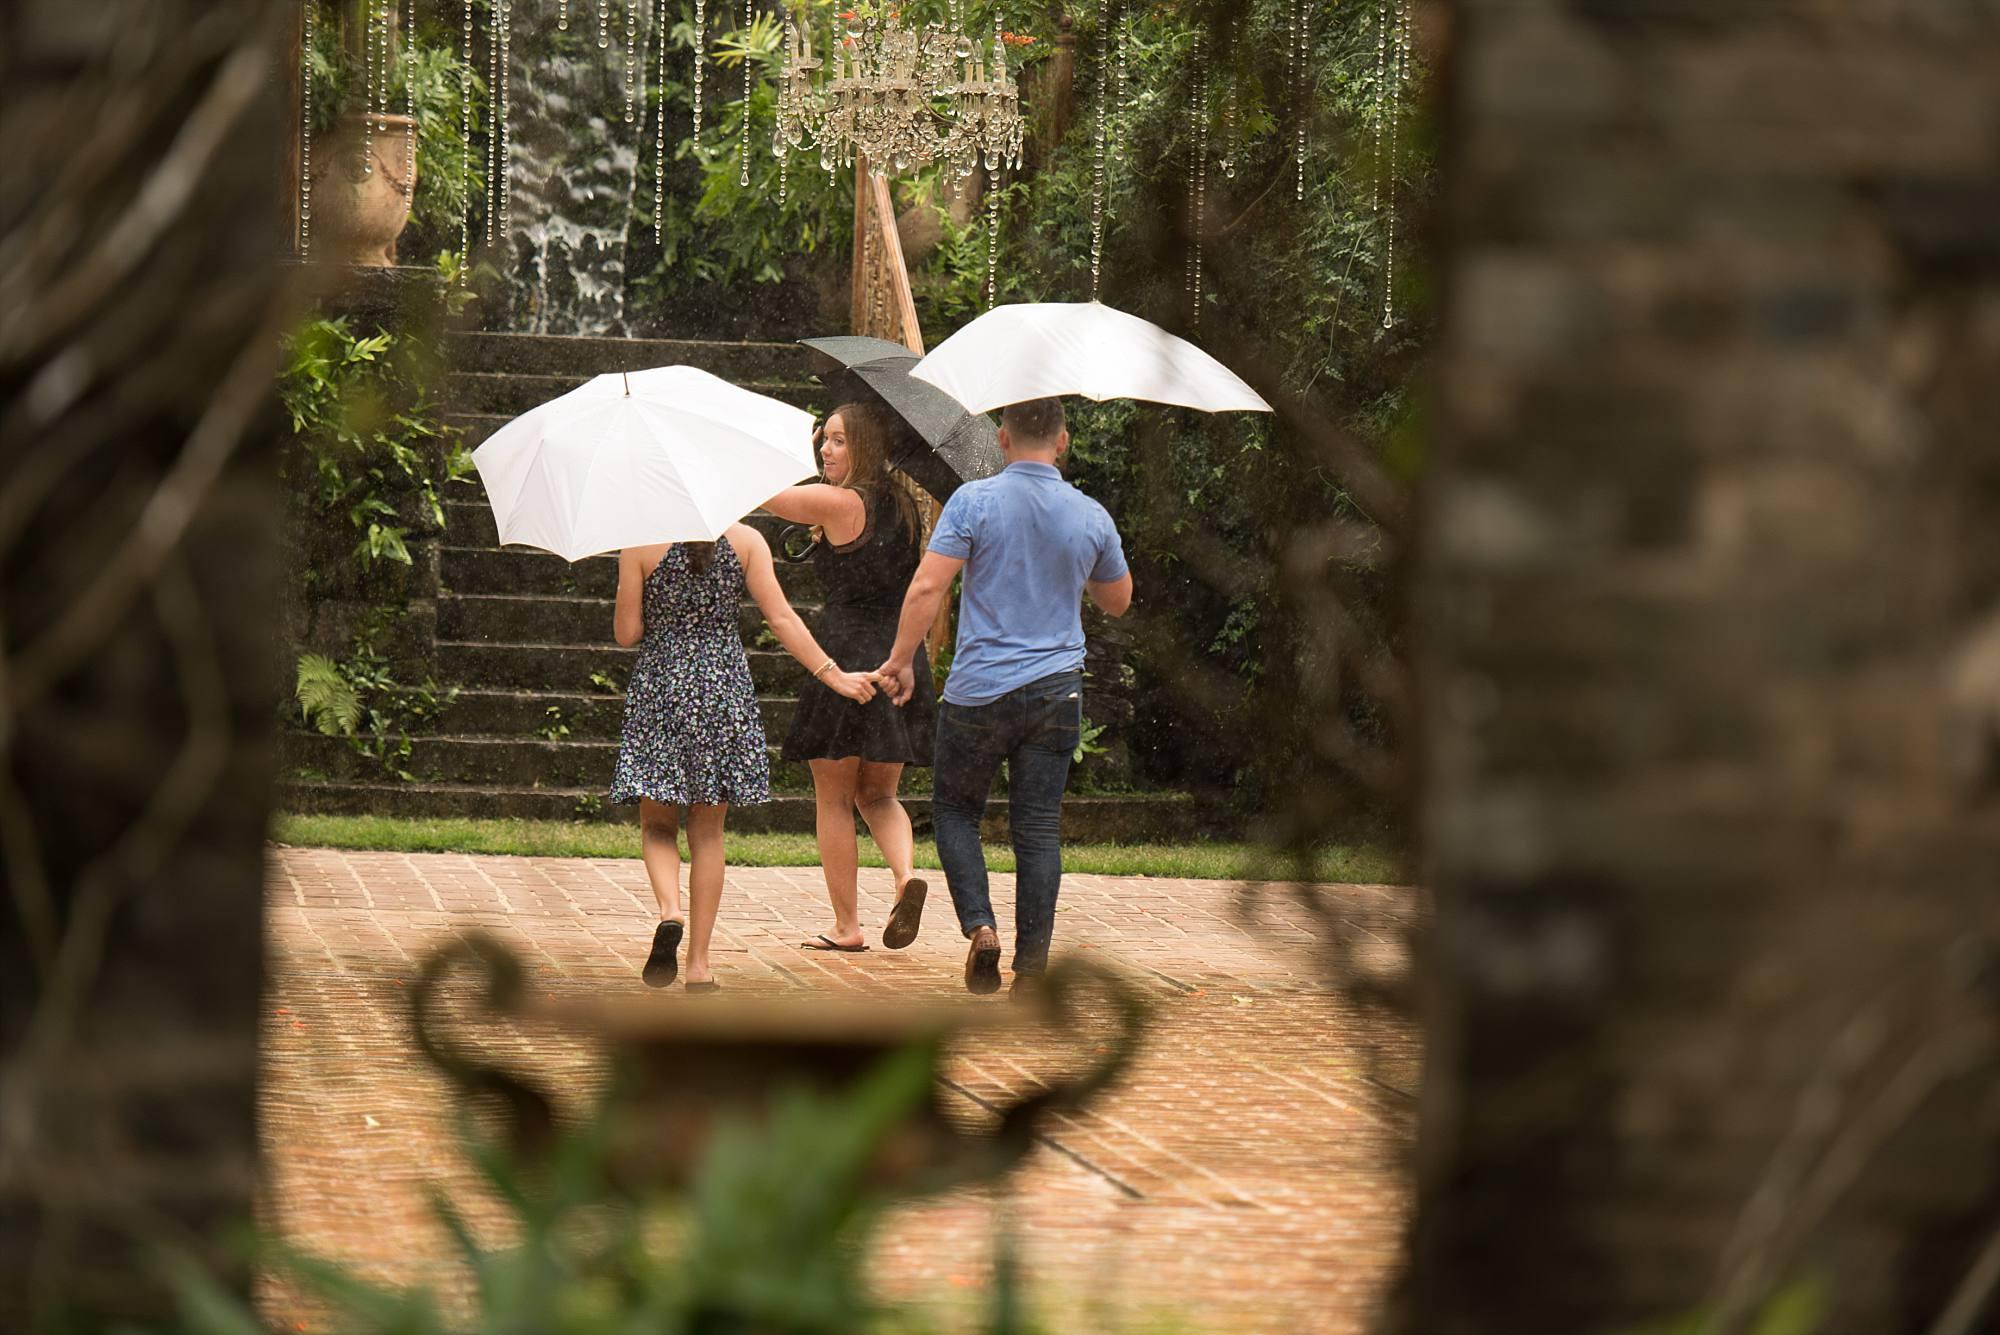 couple walking away both holding umbrellas